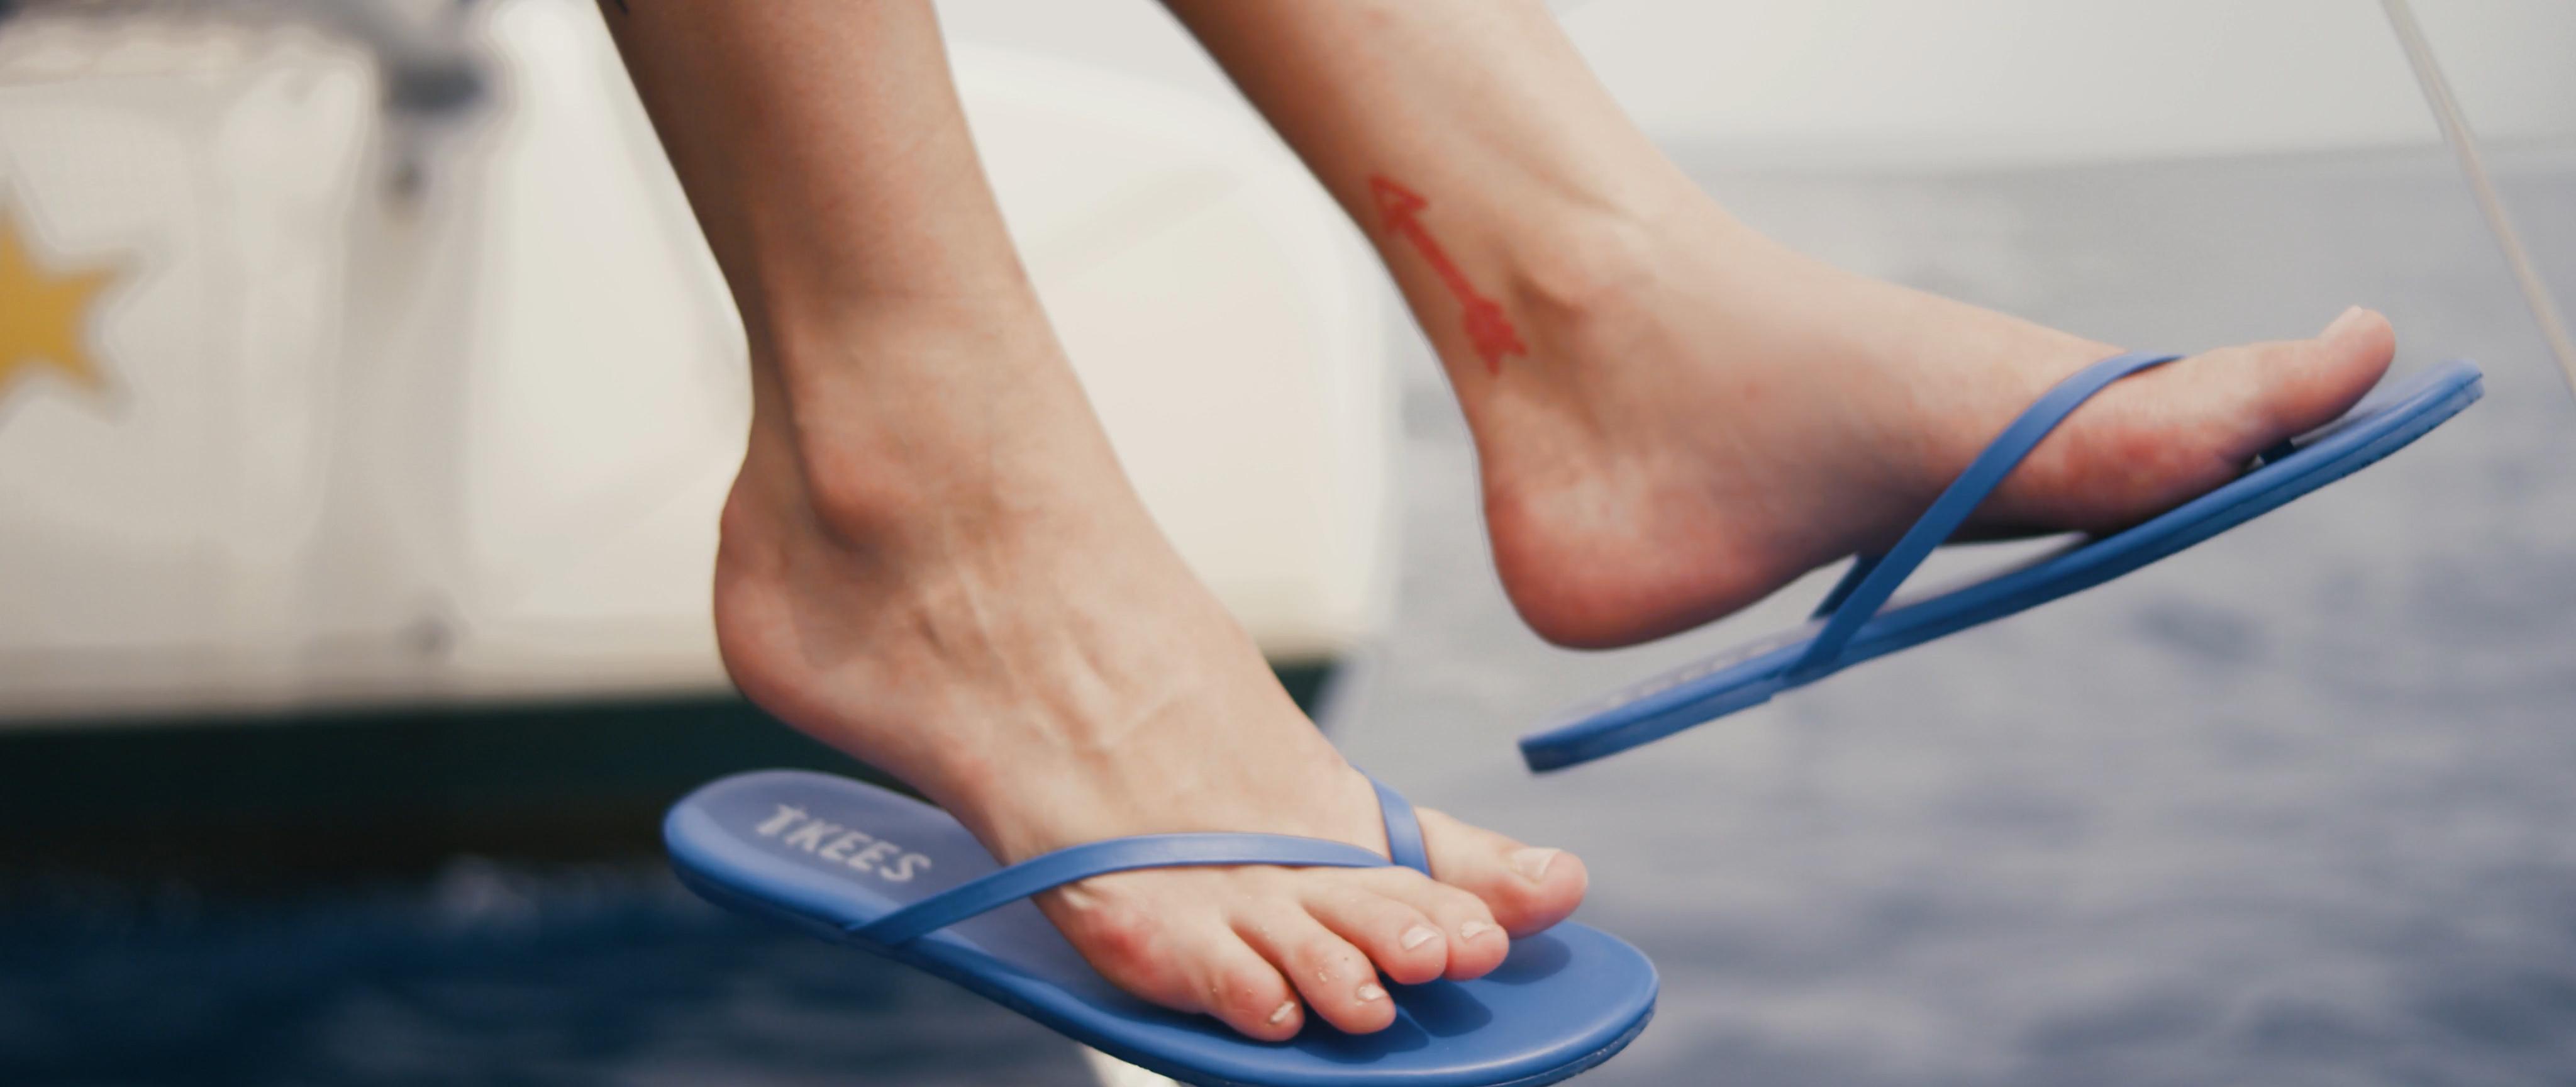 Feet Farah Holt naked (72 photos), Ass, Fappening, Twitter, in bikini 2018